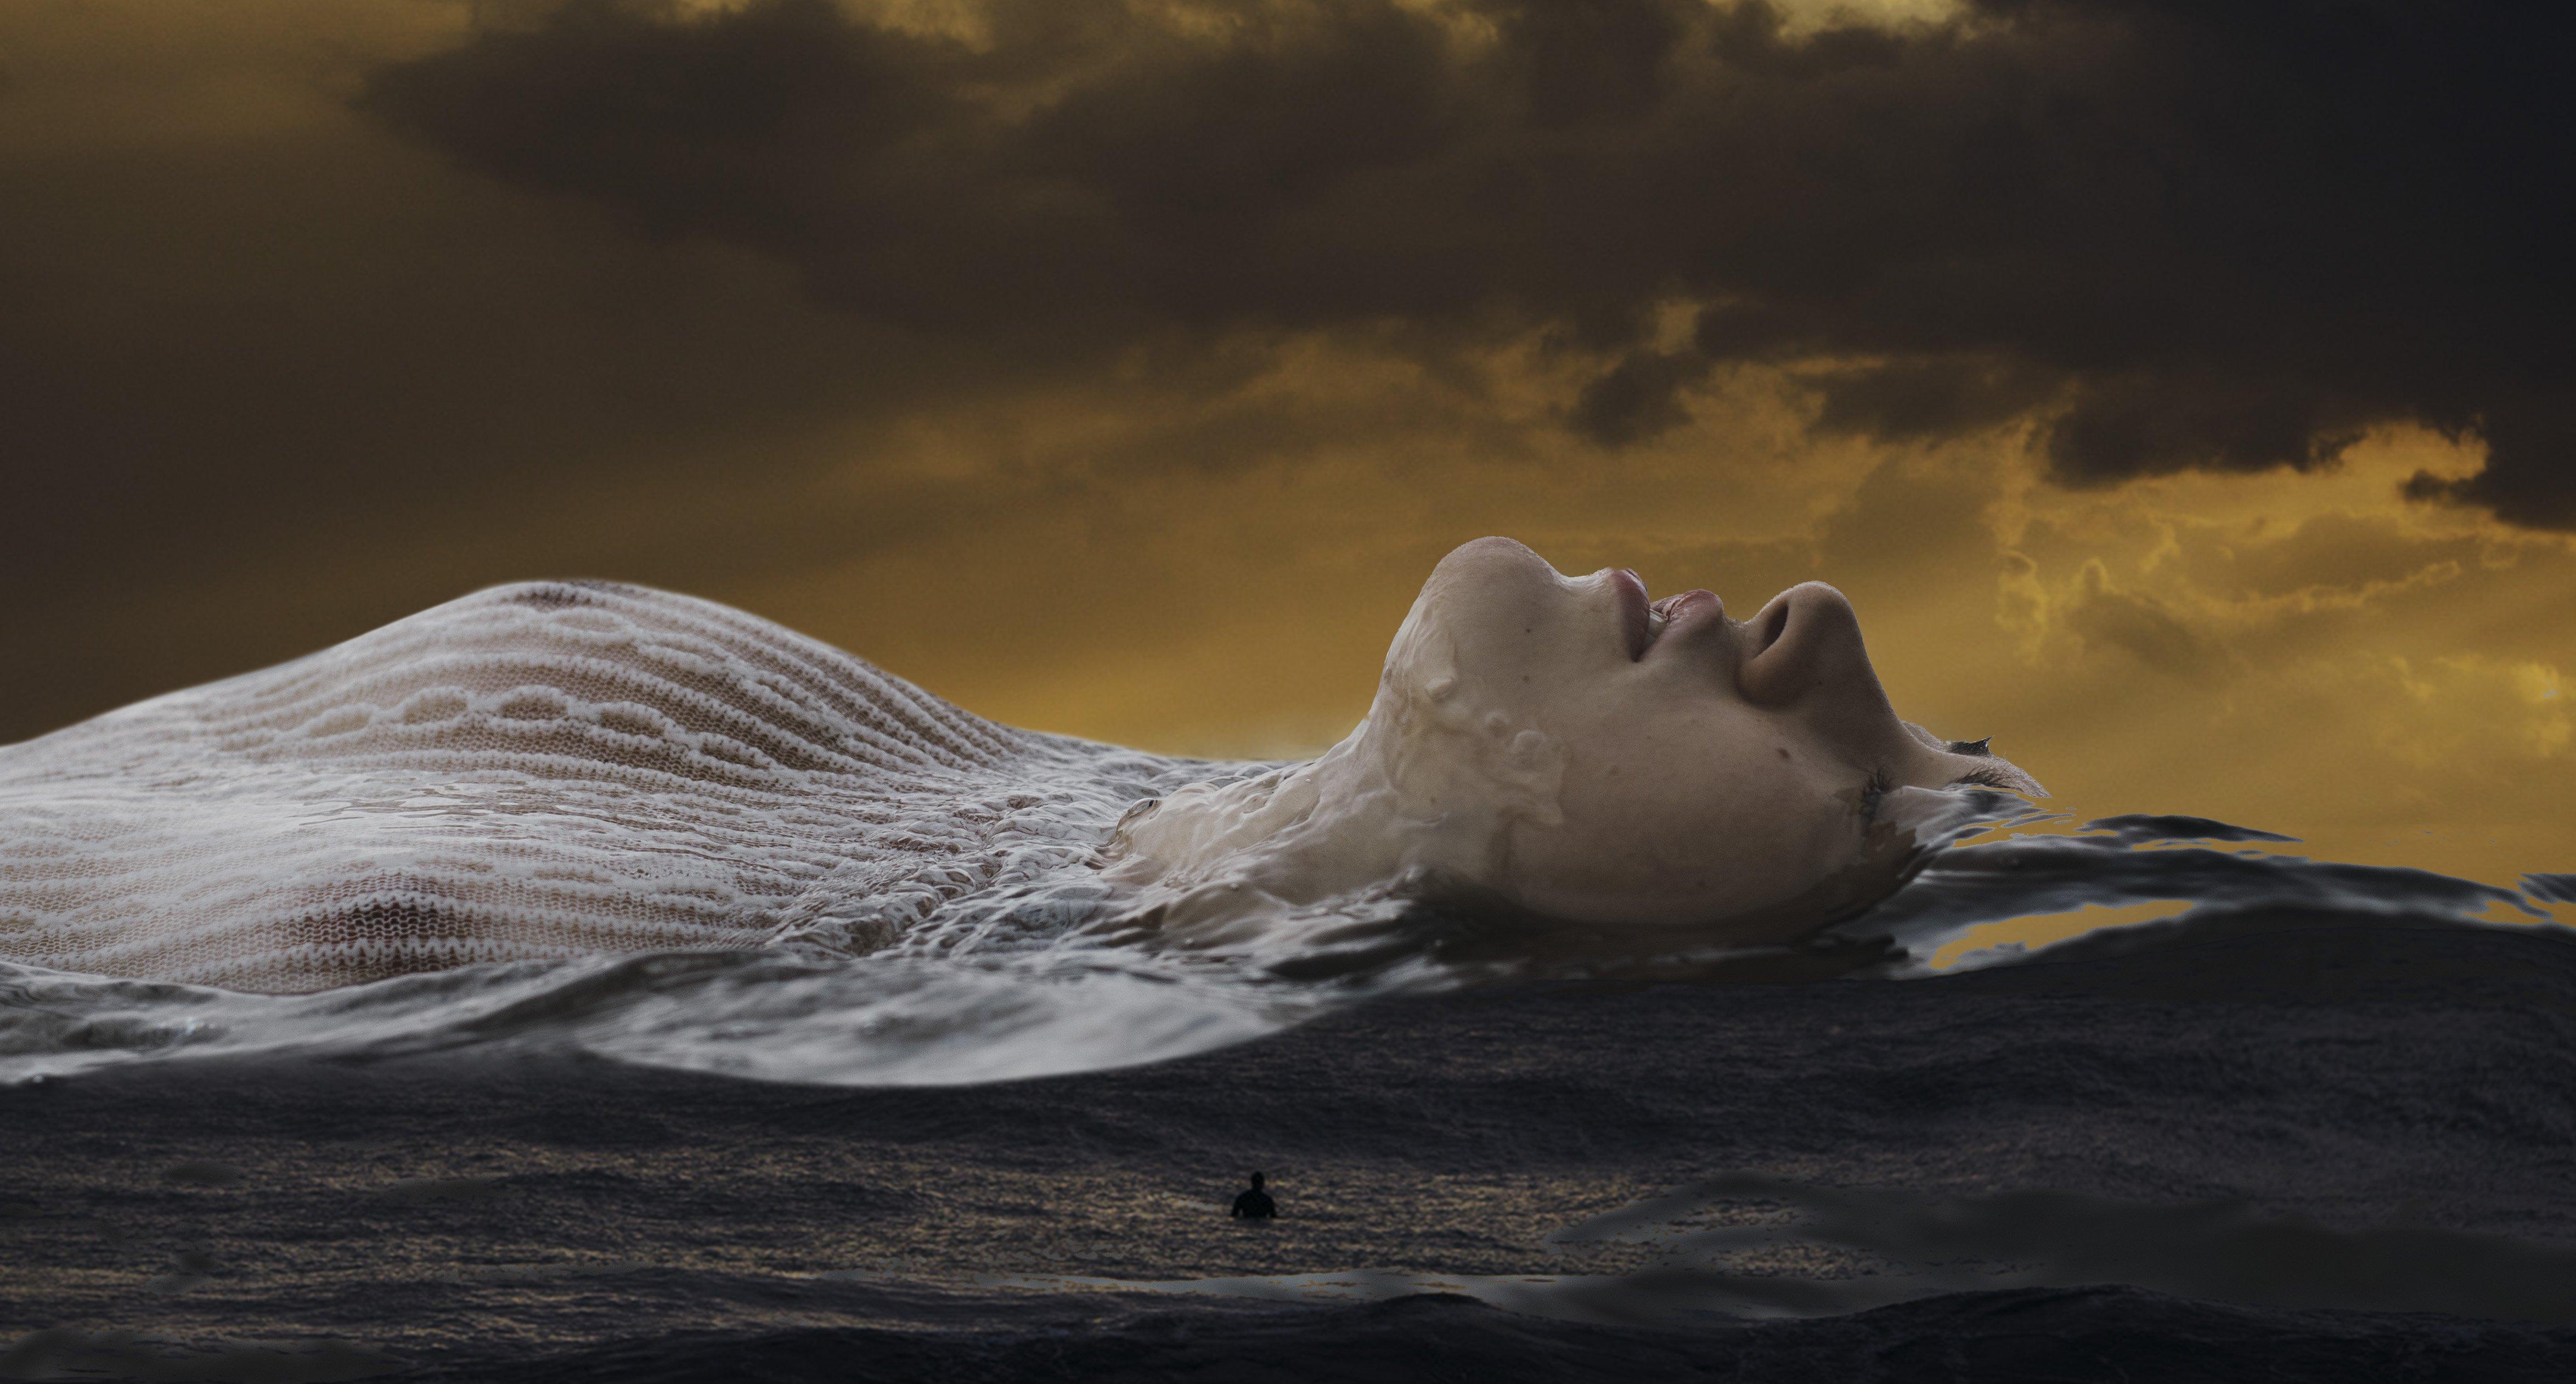 art photography conceptual collage, Наталья Санникова